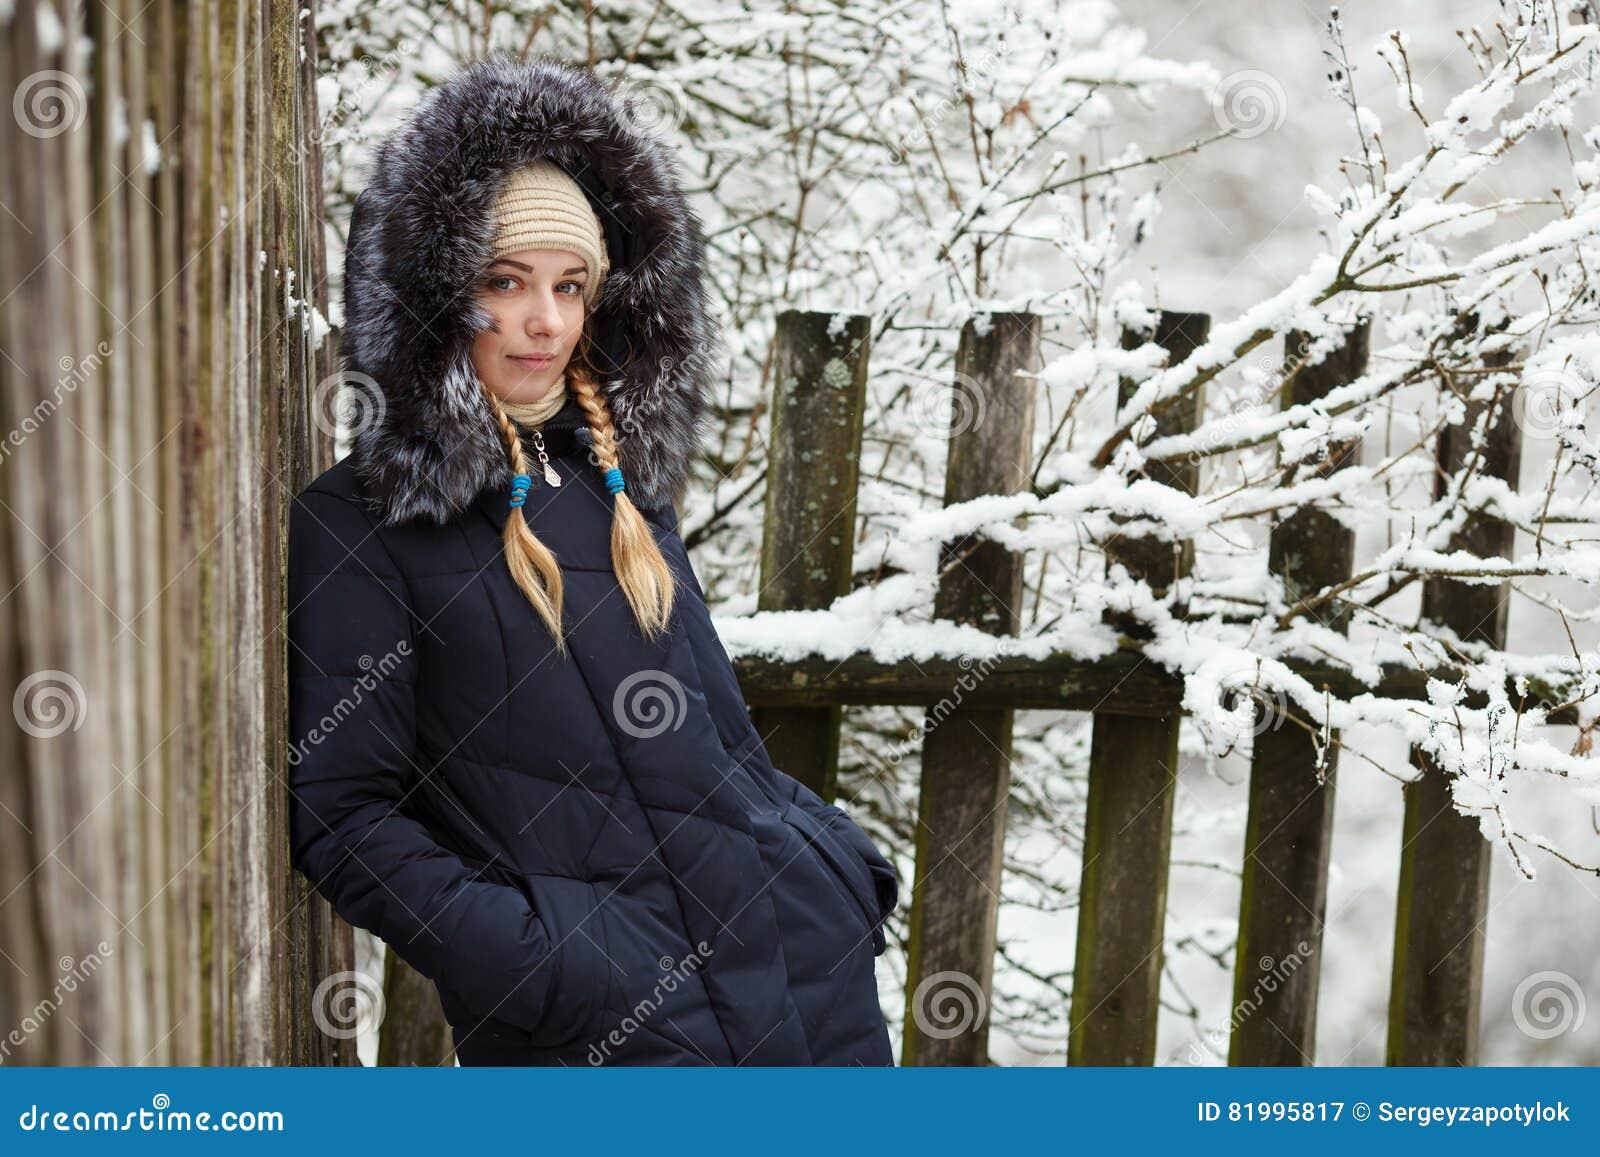 Femme Manteau À Bleu Portant Le Capuchon Adorable Jeune ALRj534